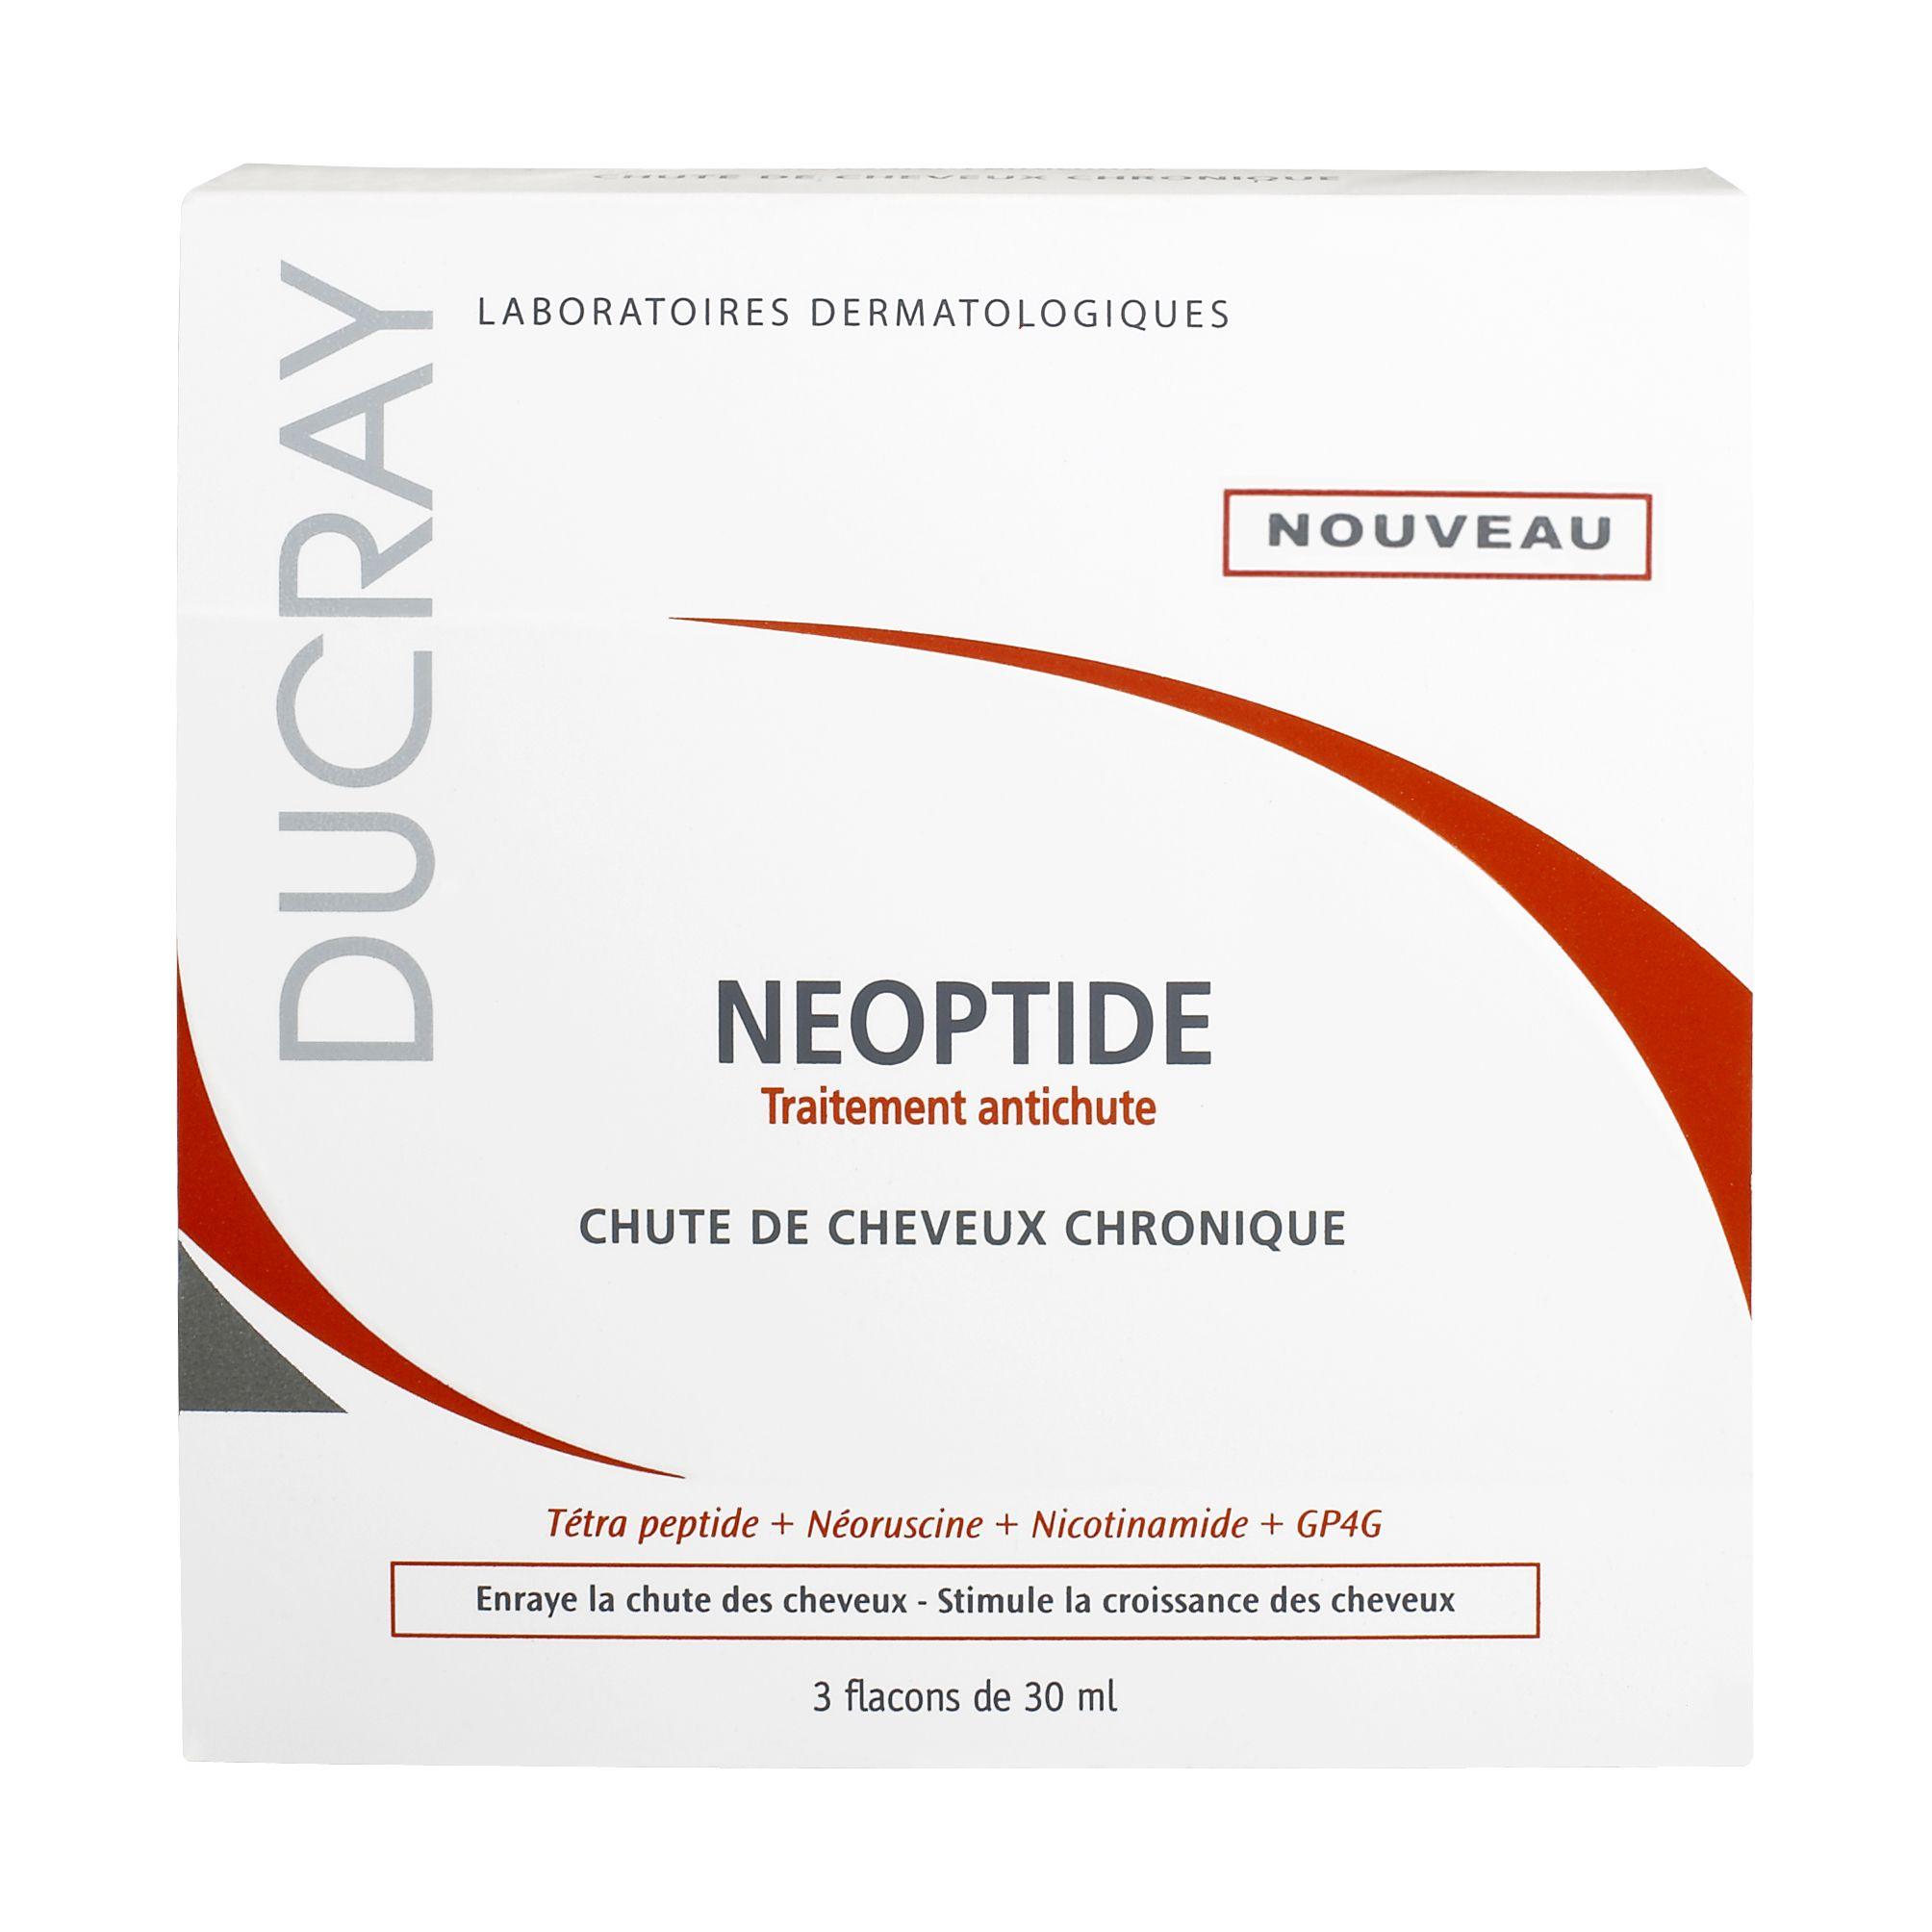 Neoptide Locion Tratamiento De La Alopecia Cronica En La Mujer Estimula El Crecimiento Capilar Via Susta Hair Loss Hair Loss Treatment Personal Care Hair Care